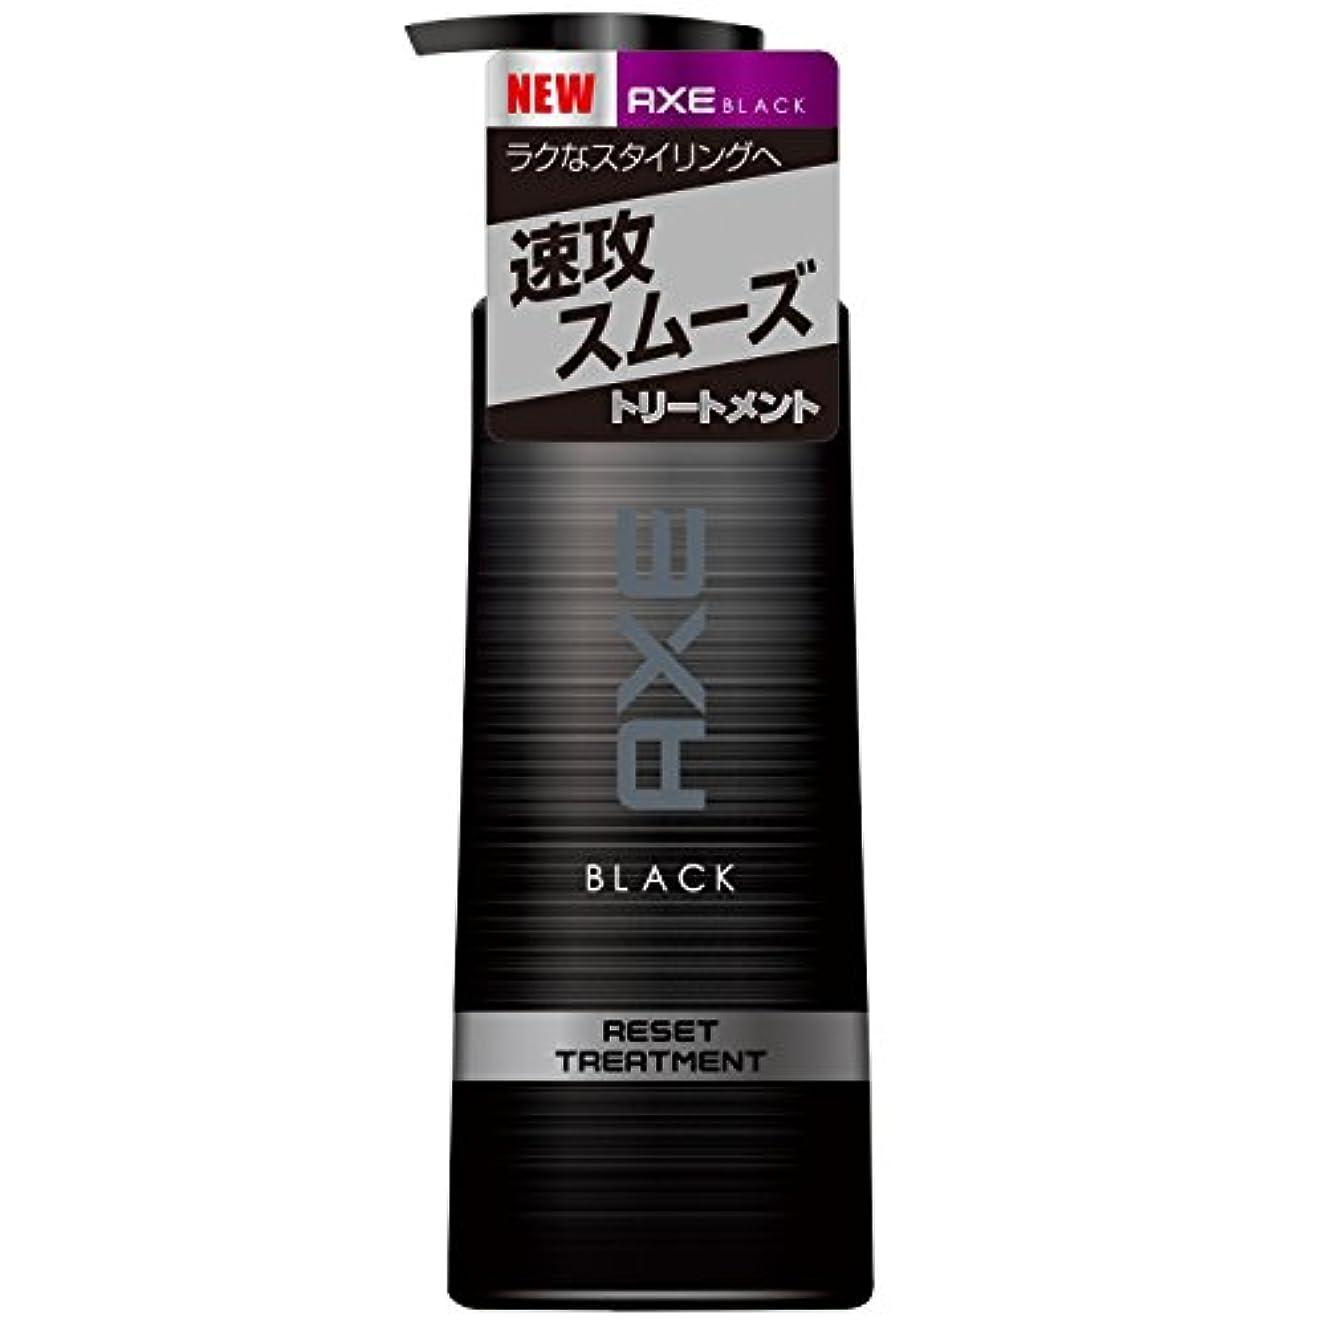 レスリングアンソロジーペンアックス ブラック 男性用 トリートメント ポンプ (速攻スムーズ、ラクなスタイリングへ) 350g (クールマリンのさりげない香り)